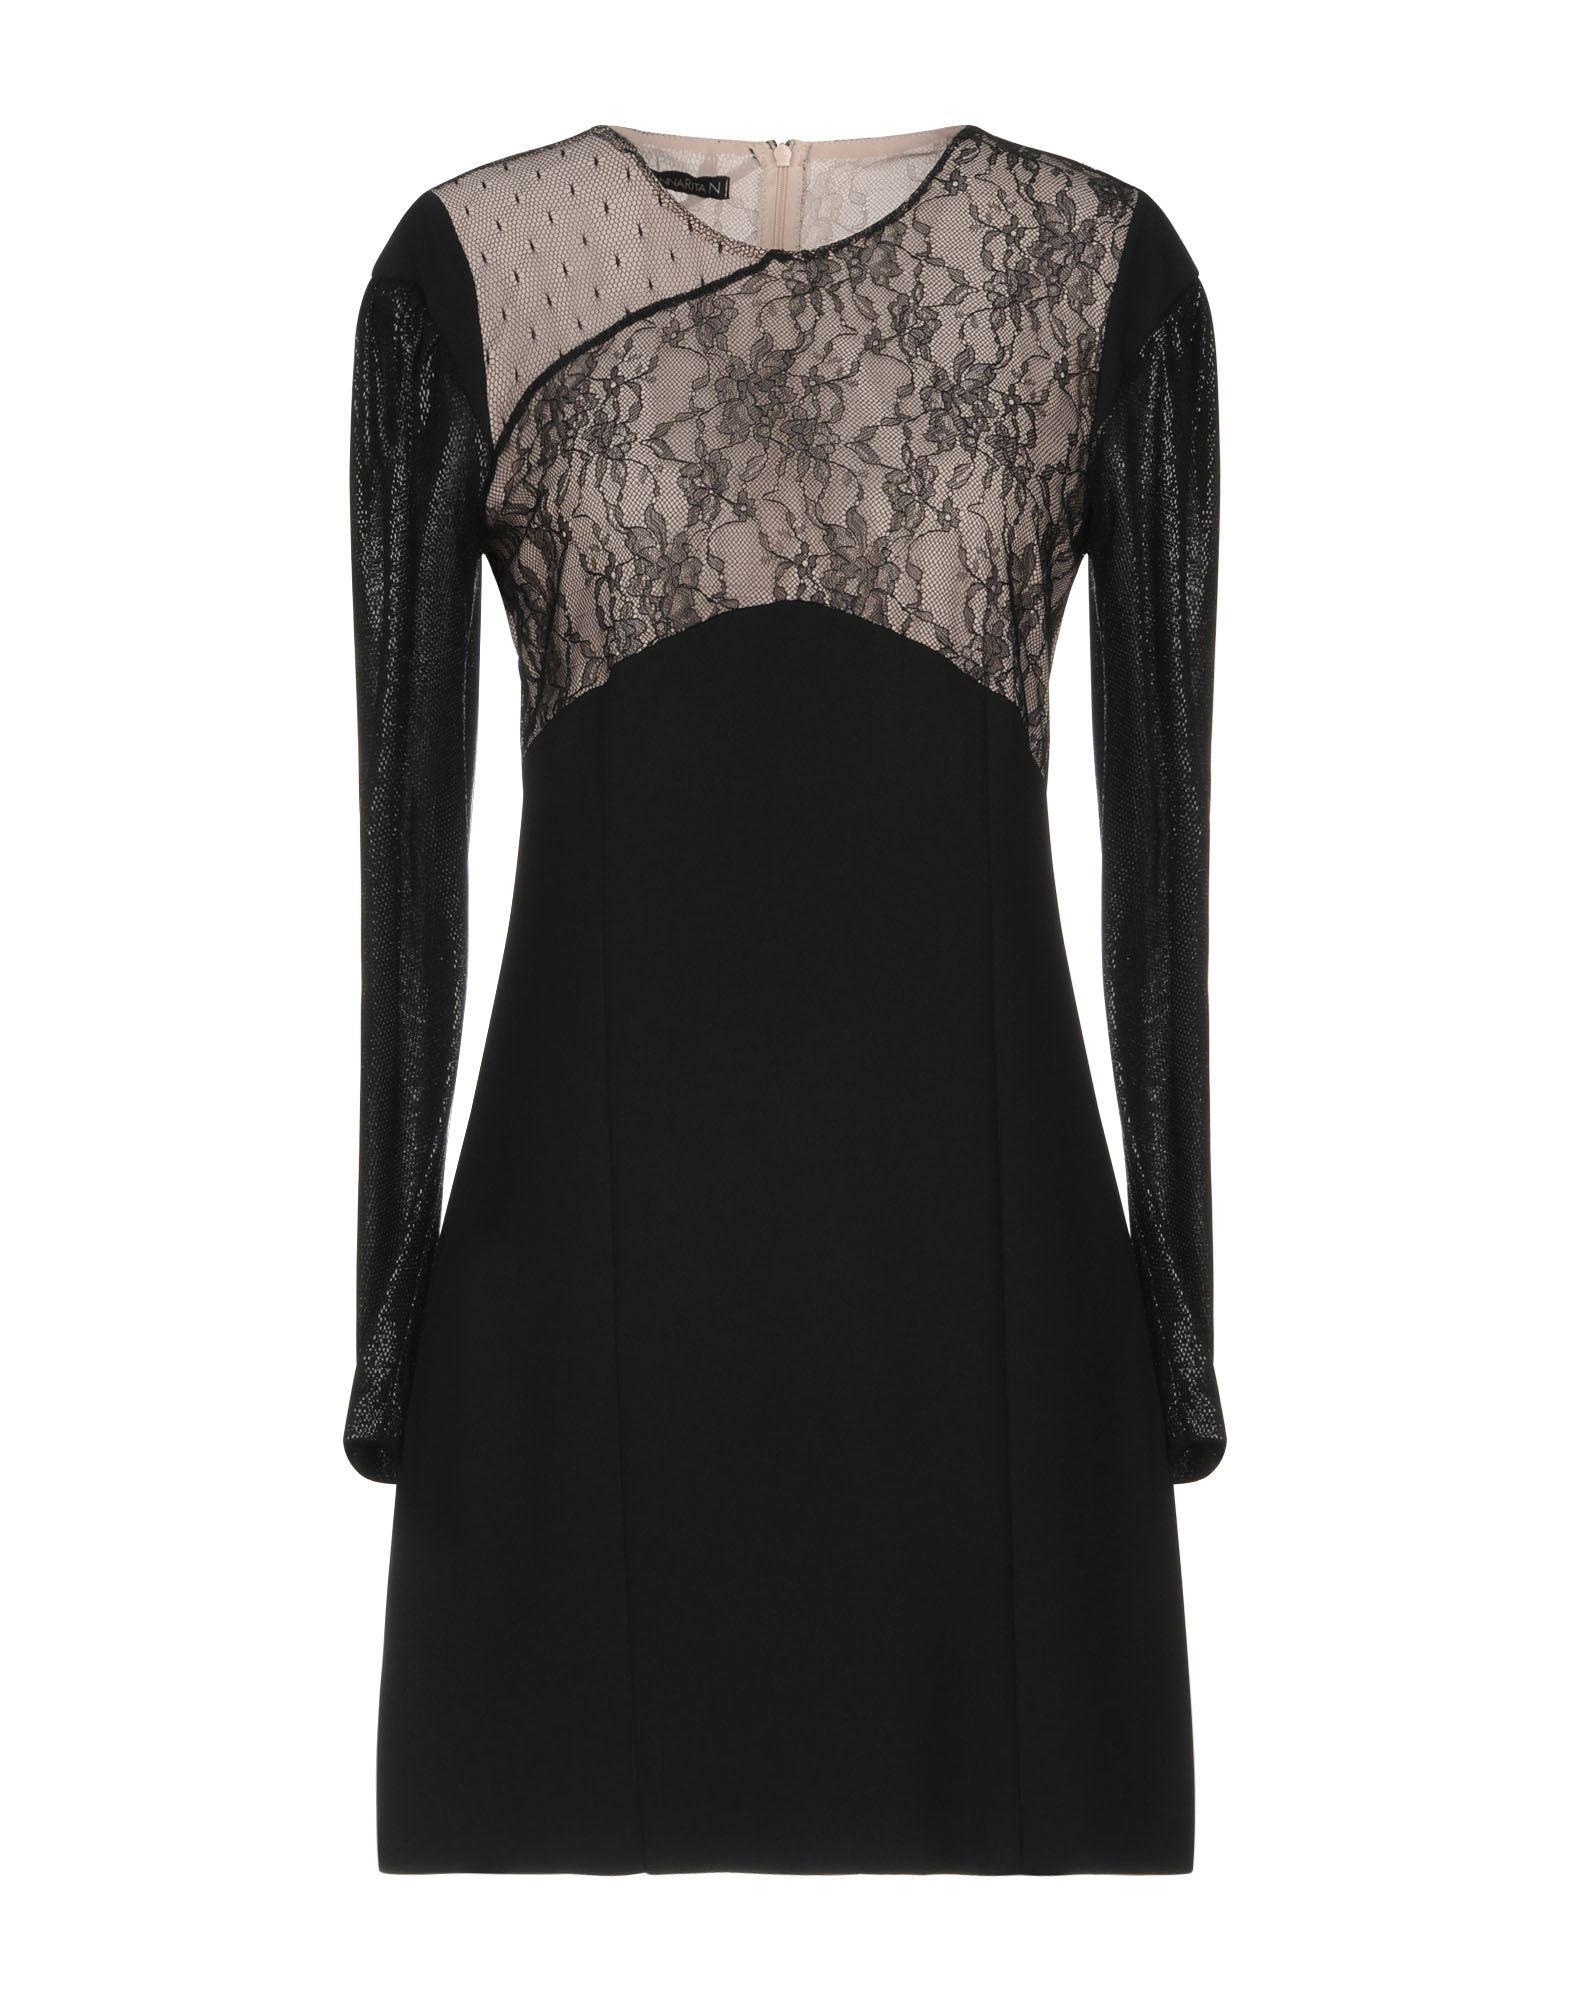 52e179ea2c6e Γυναικεία Κοντά Φορέματα - Yoox - Σελίδα 3